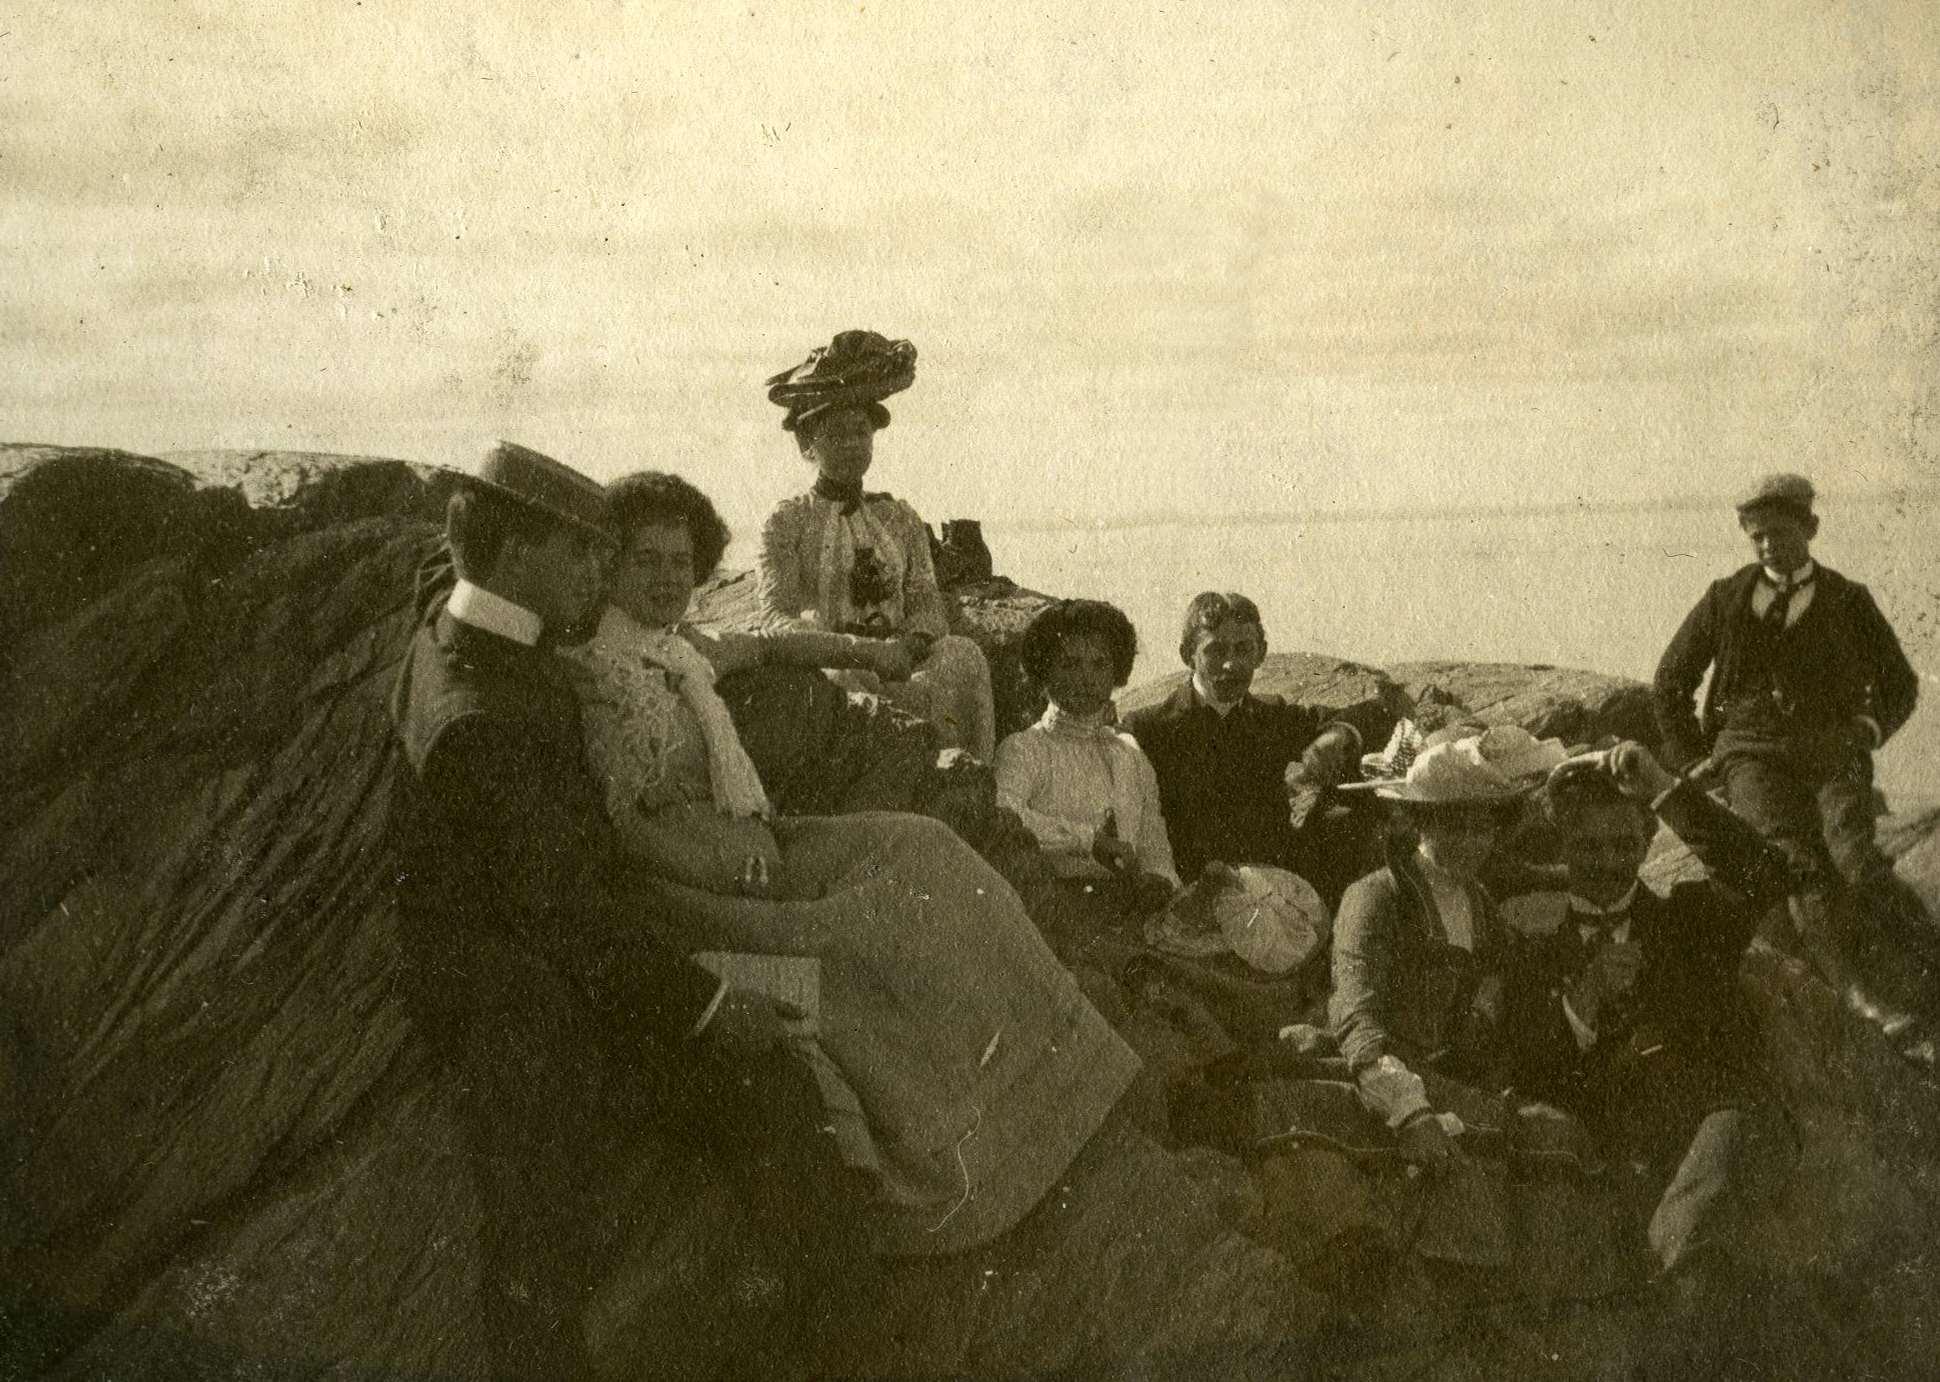 Trois couples de jeunes gens sont assis sur les rochers au bord de l'eau, accompagnés d'une femme et d'un jeune homme.